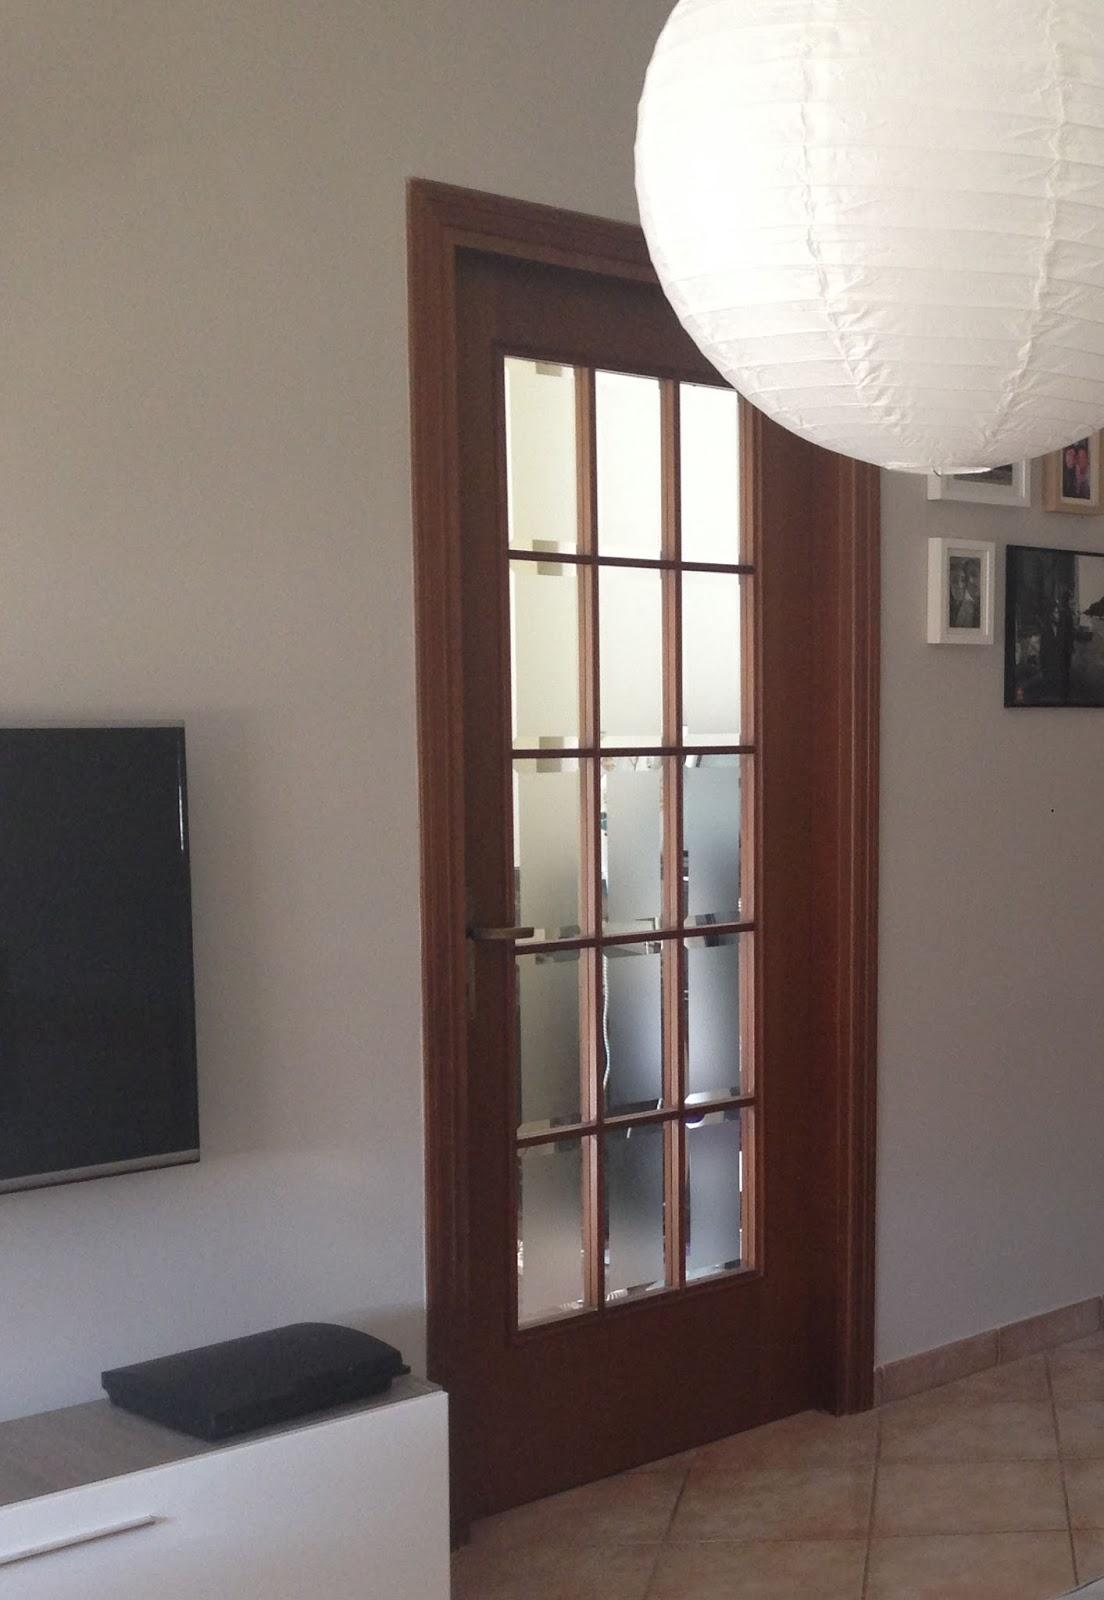 Cuscini cactus cambiare look alle porte di casa 1 - Porte all inglese ...